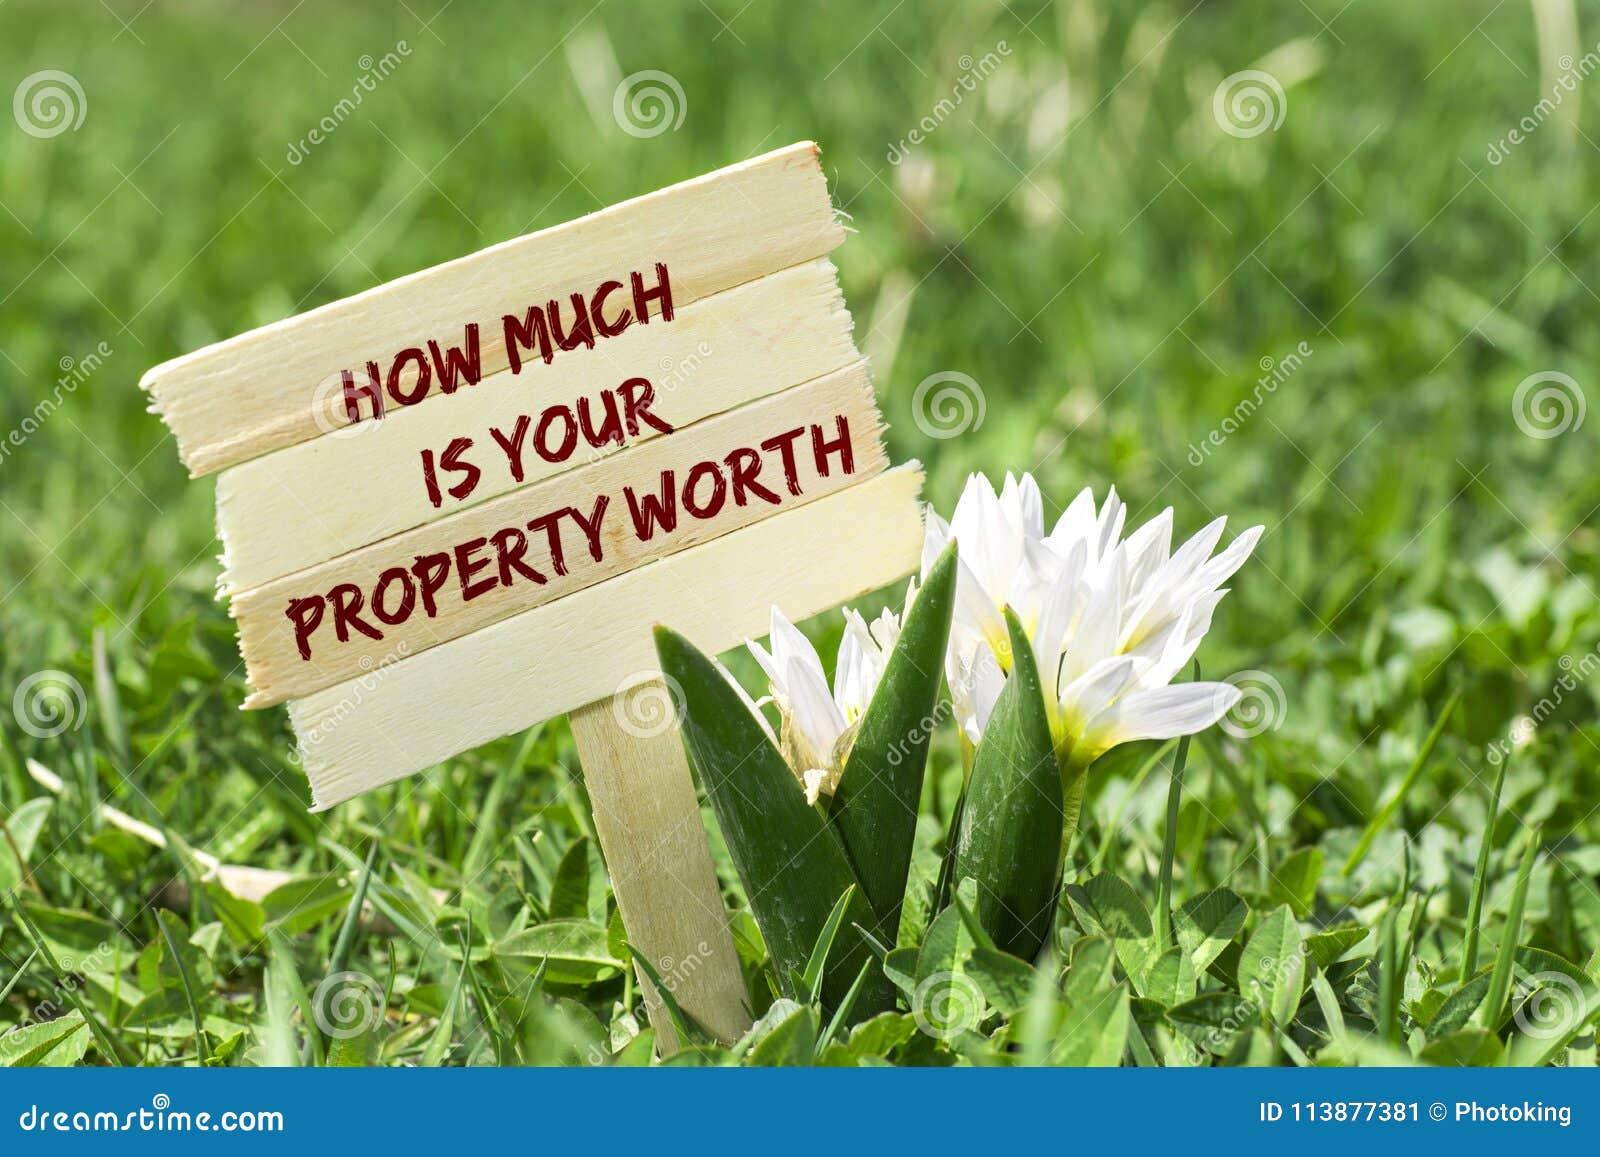 多少是您的物产价值